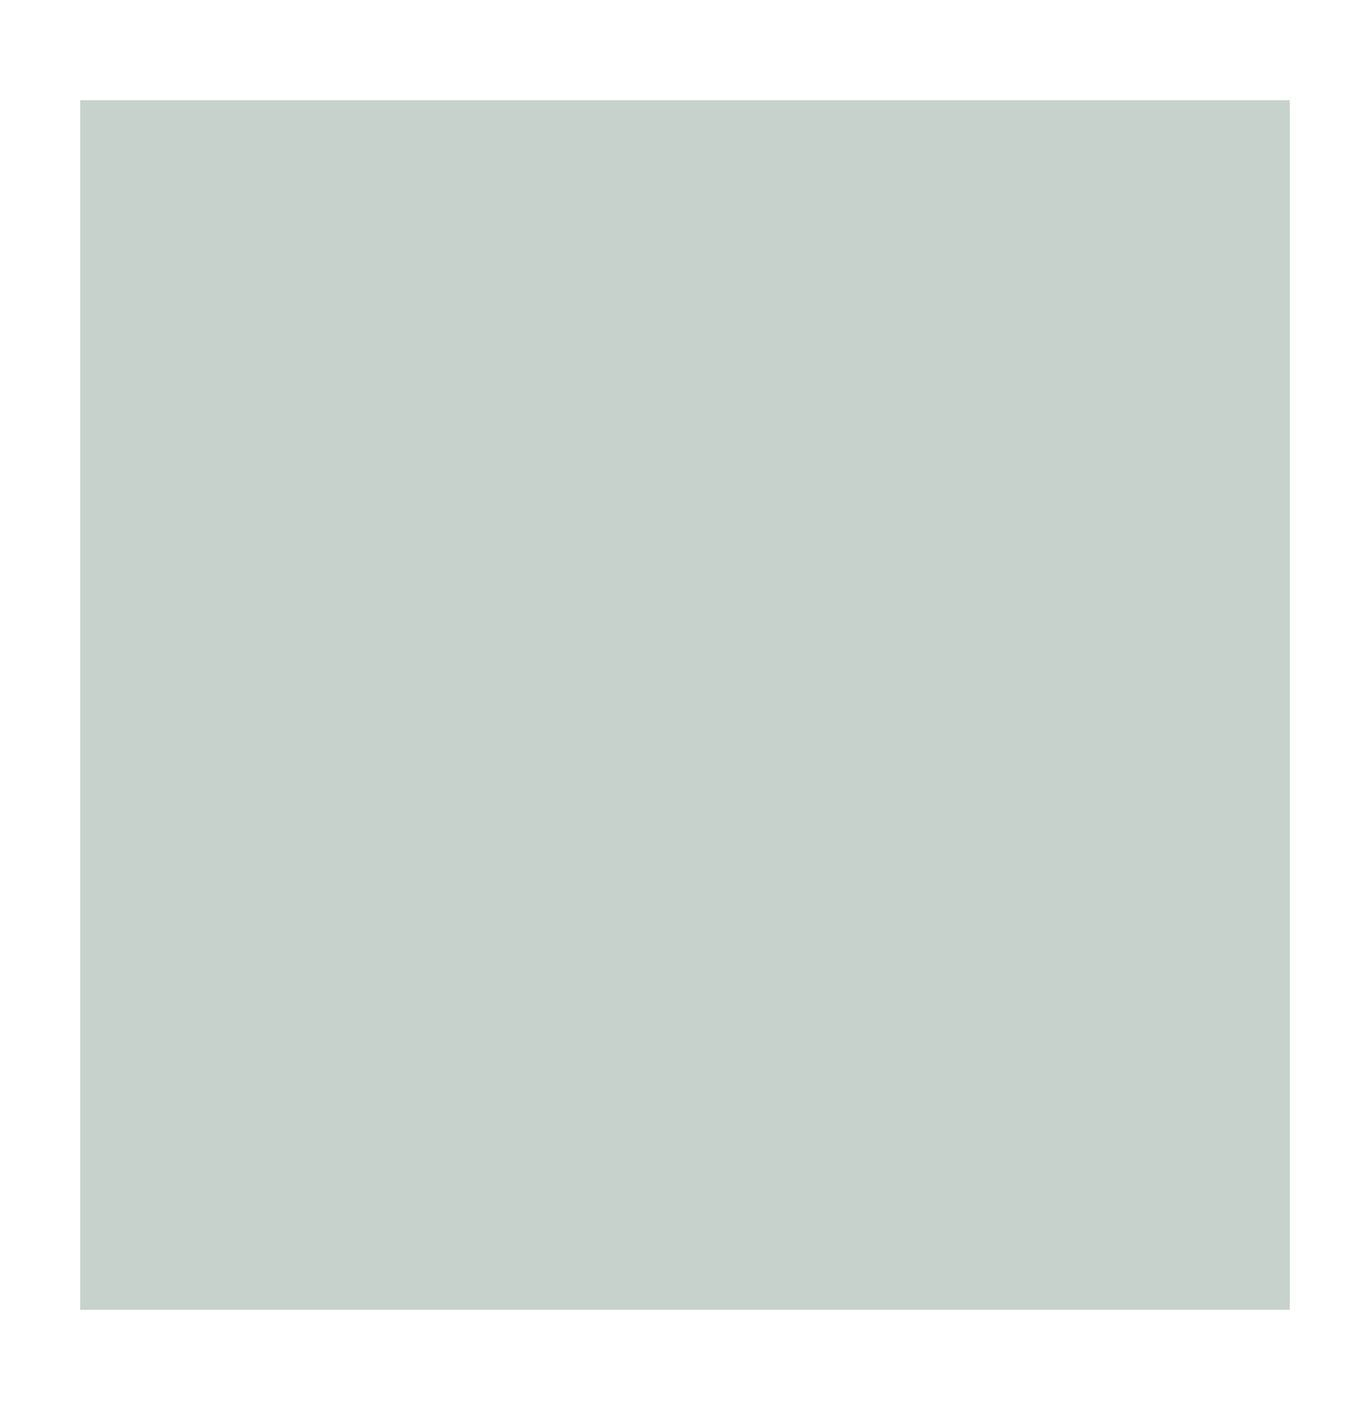 Boråstapeter 7934 PIGMENT TAPET - BOLIST  c044b71041303